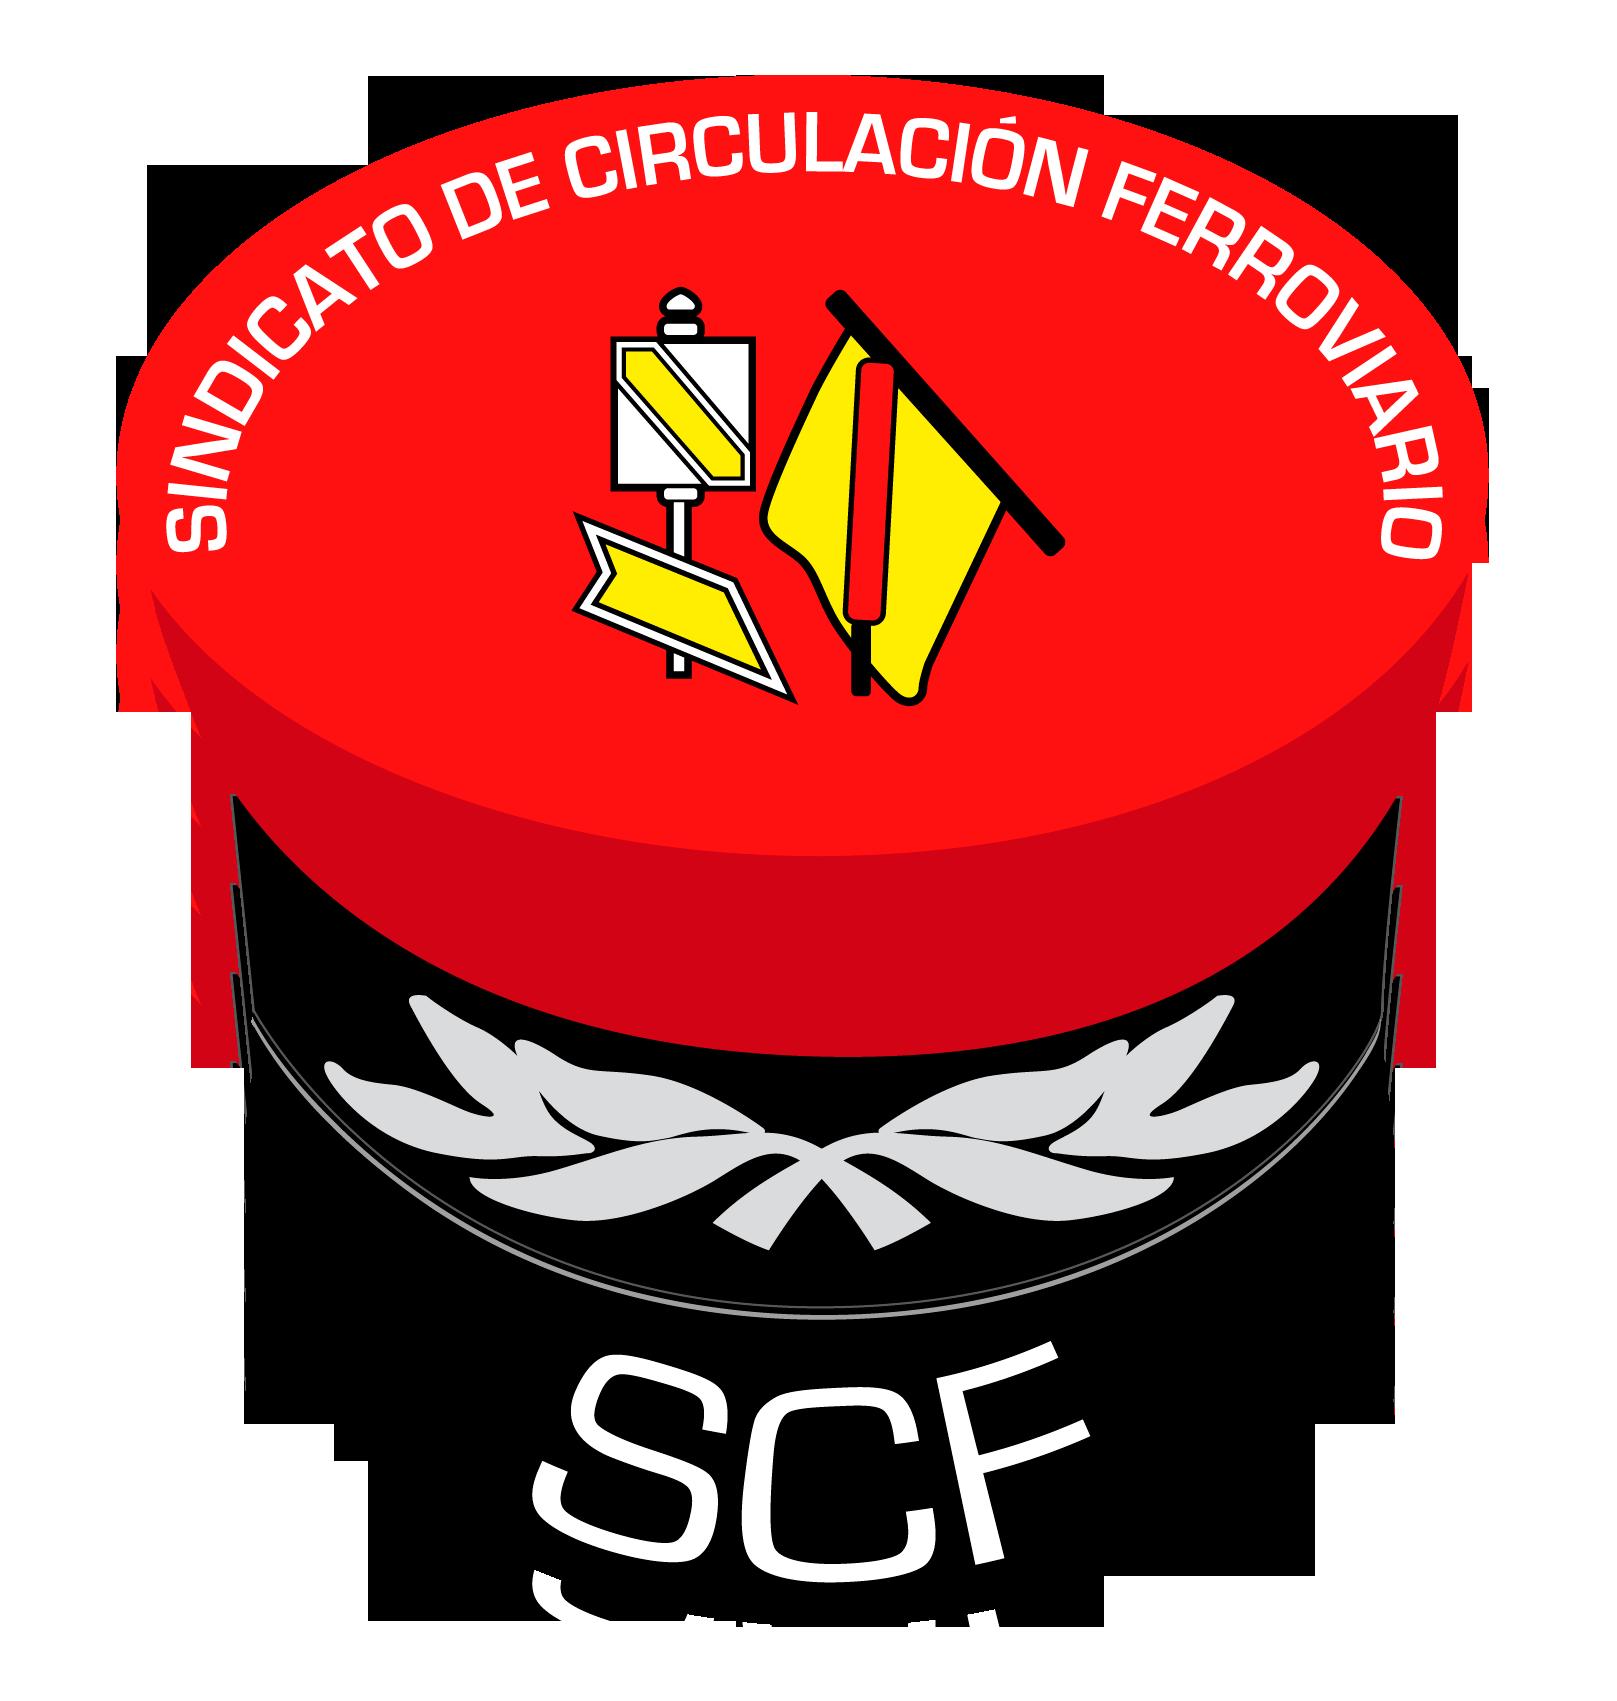 Foto de Sindicato de Circulación Ferroviario